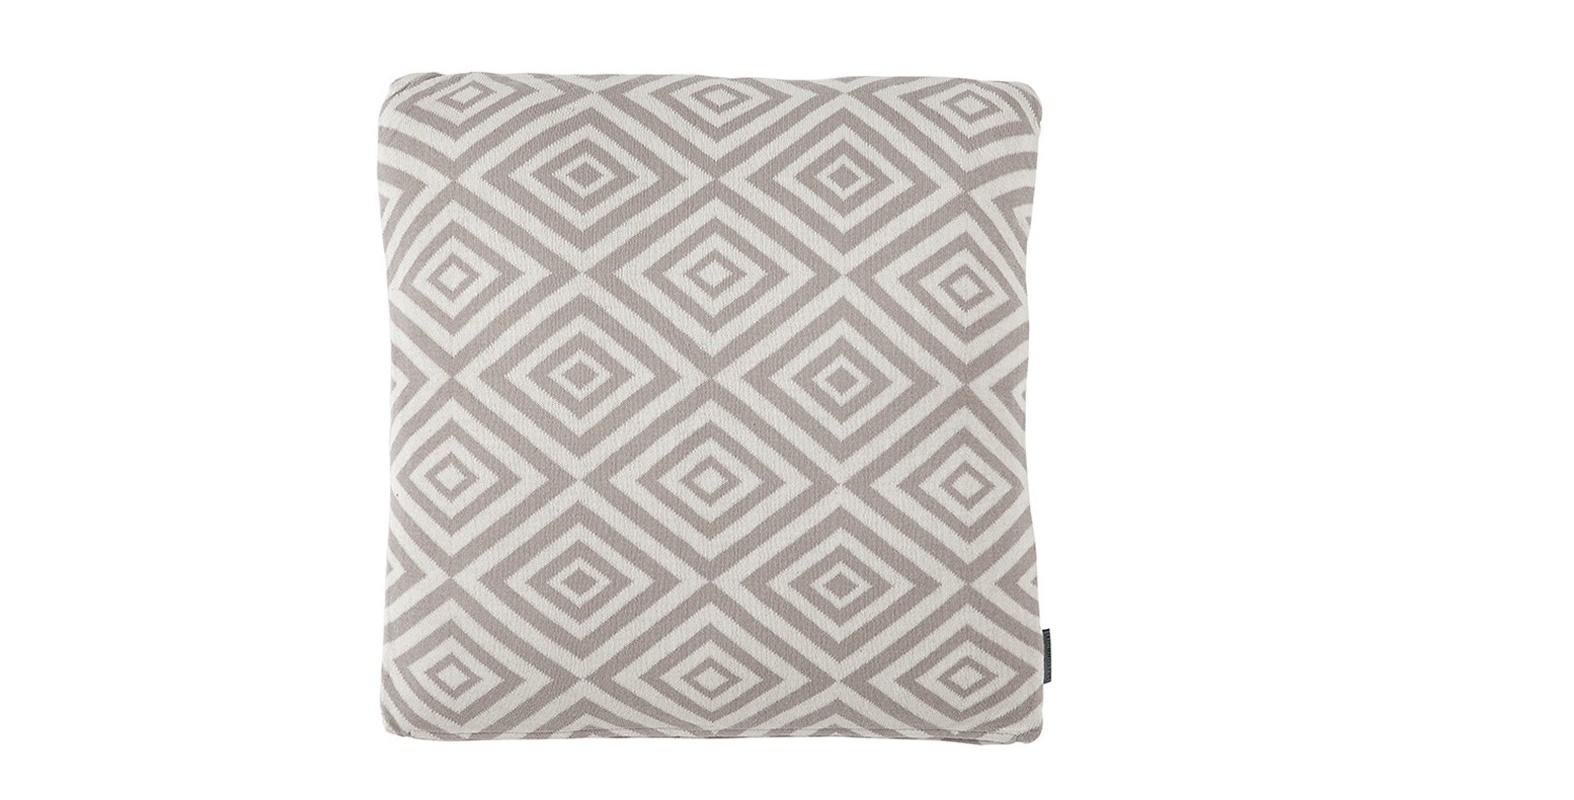 Подушка Pillow CurtisКвадратные подушки<br>Подушка от бренда Eichholtz выполнена в традиционном скандинавском стиле. Нордический узор в интерьерах стран Северной Европы – не просто дань моде. Скорее, это попытка привнести в помещение тепло и уют. Pillow Curtis воплощает собой полную гармонию. Сочетание простых геометрических форм, мягкая цветовая палитра добавят в пространство эстетичности и комфорта.&amp;amp;nbsp;<br><br>Material: Текстиль<br>Width см: 50<br>Height см: 50